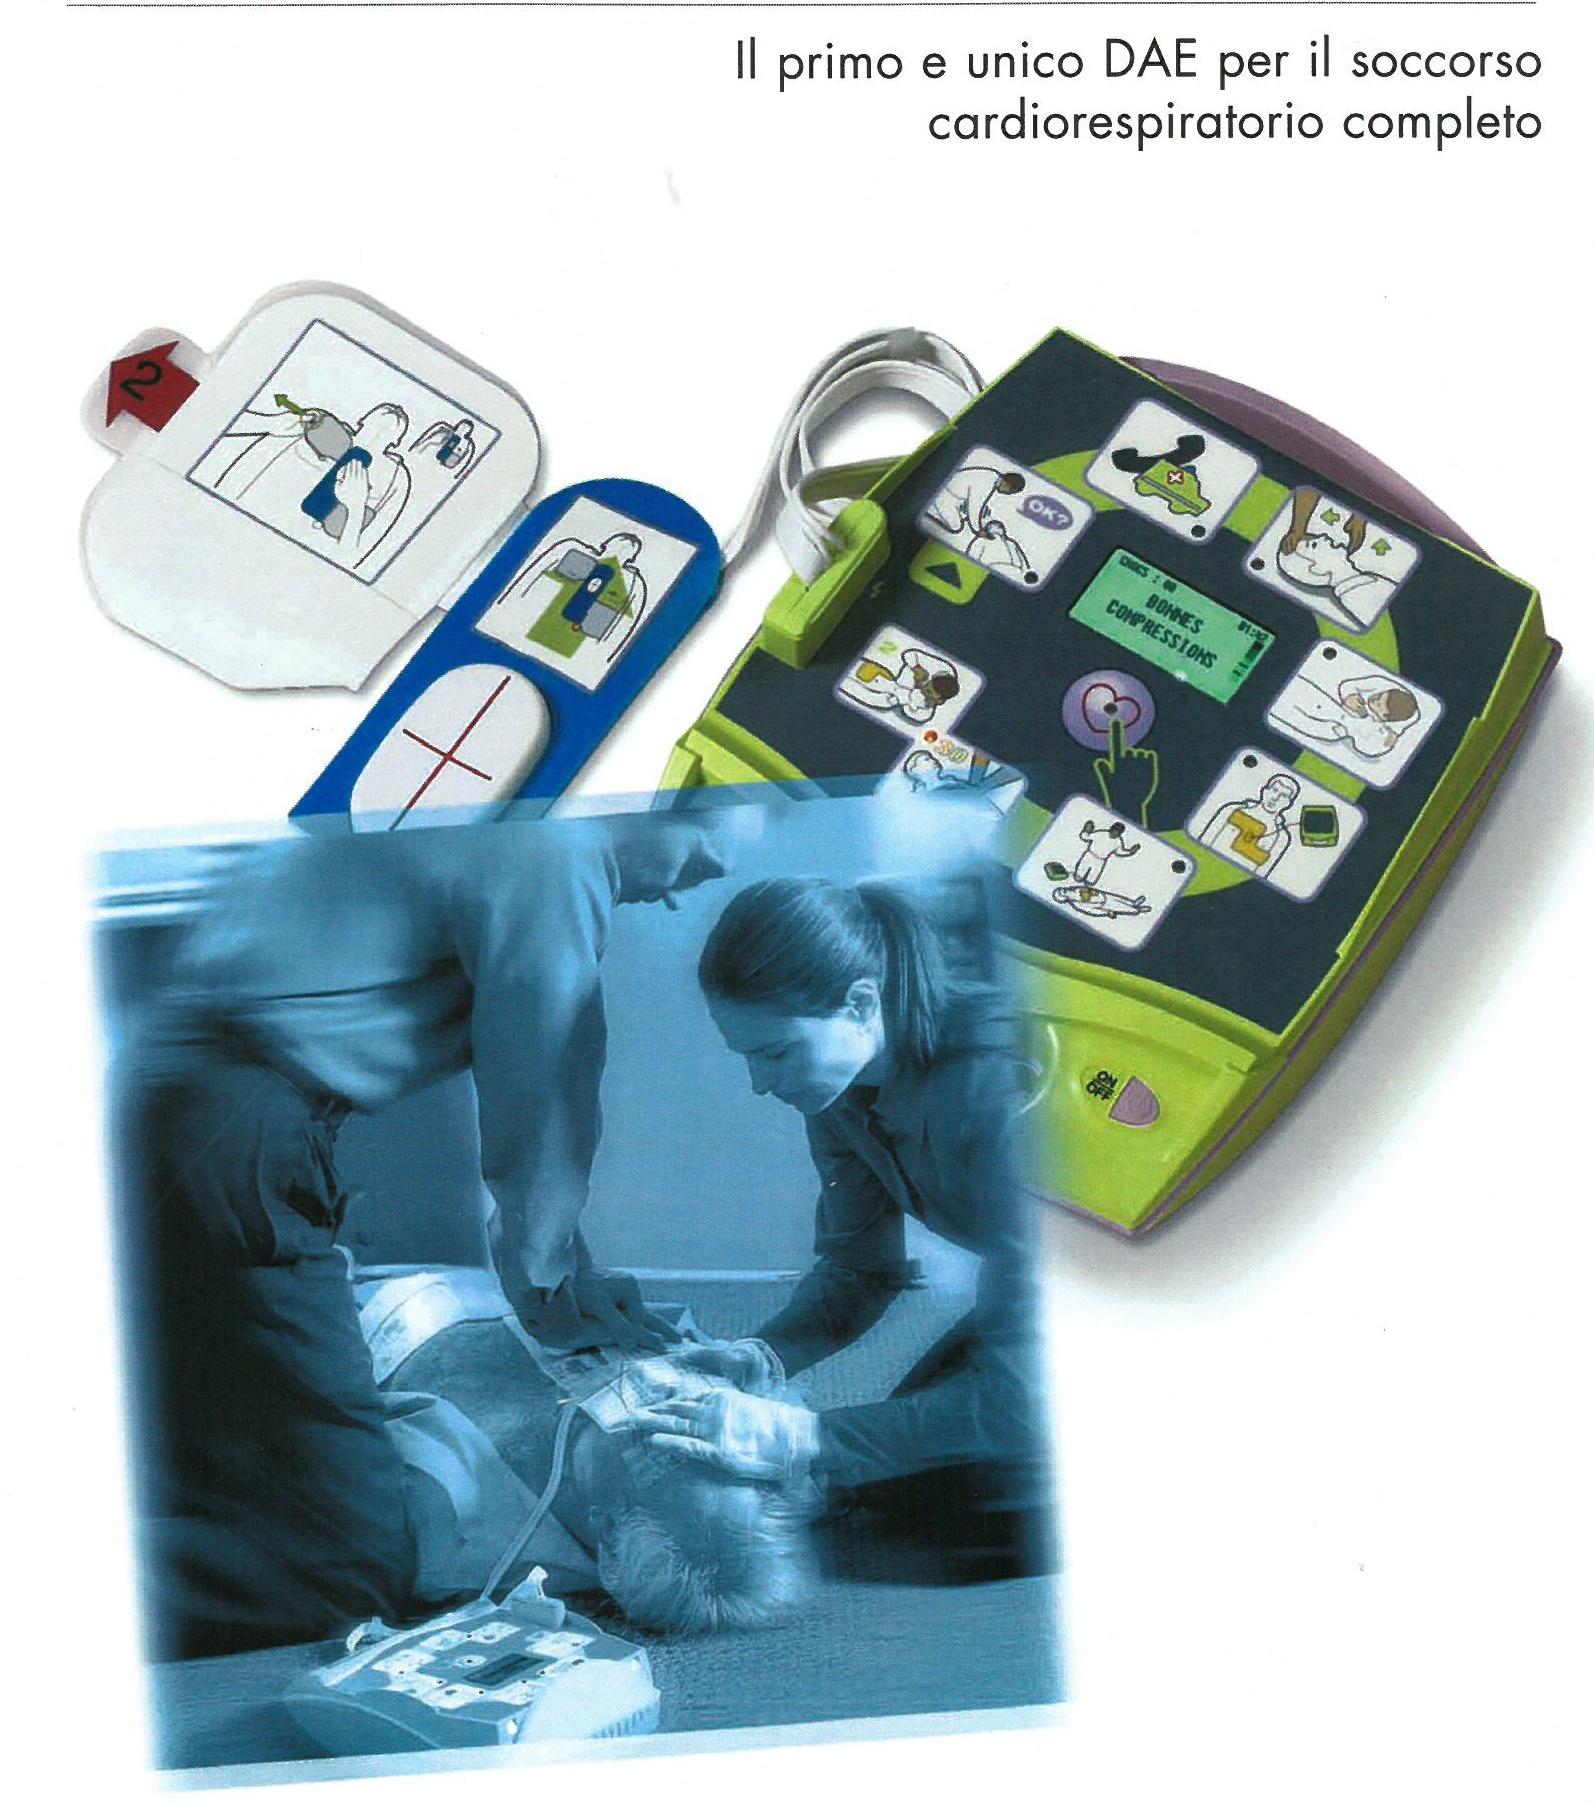 Laboratorio Valdès cardioprotetto